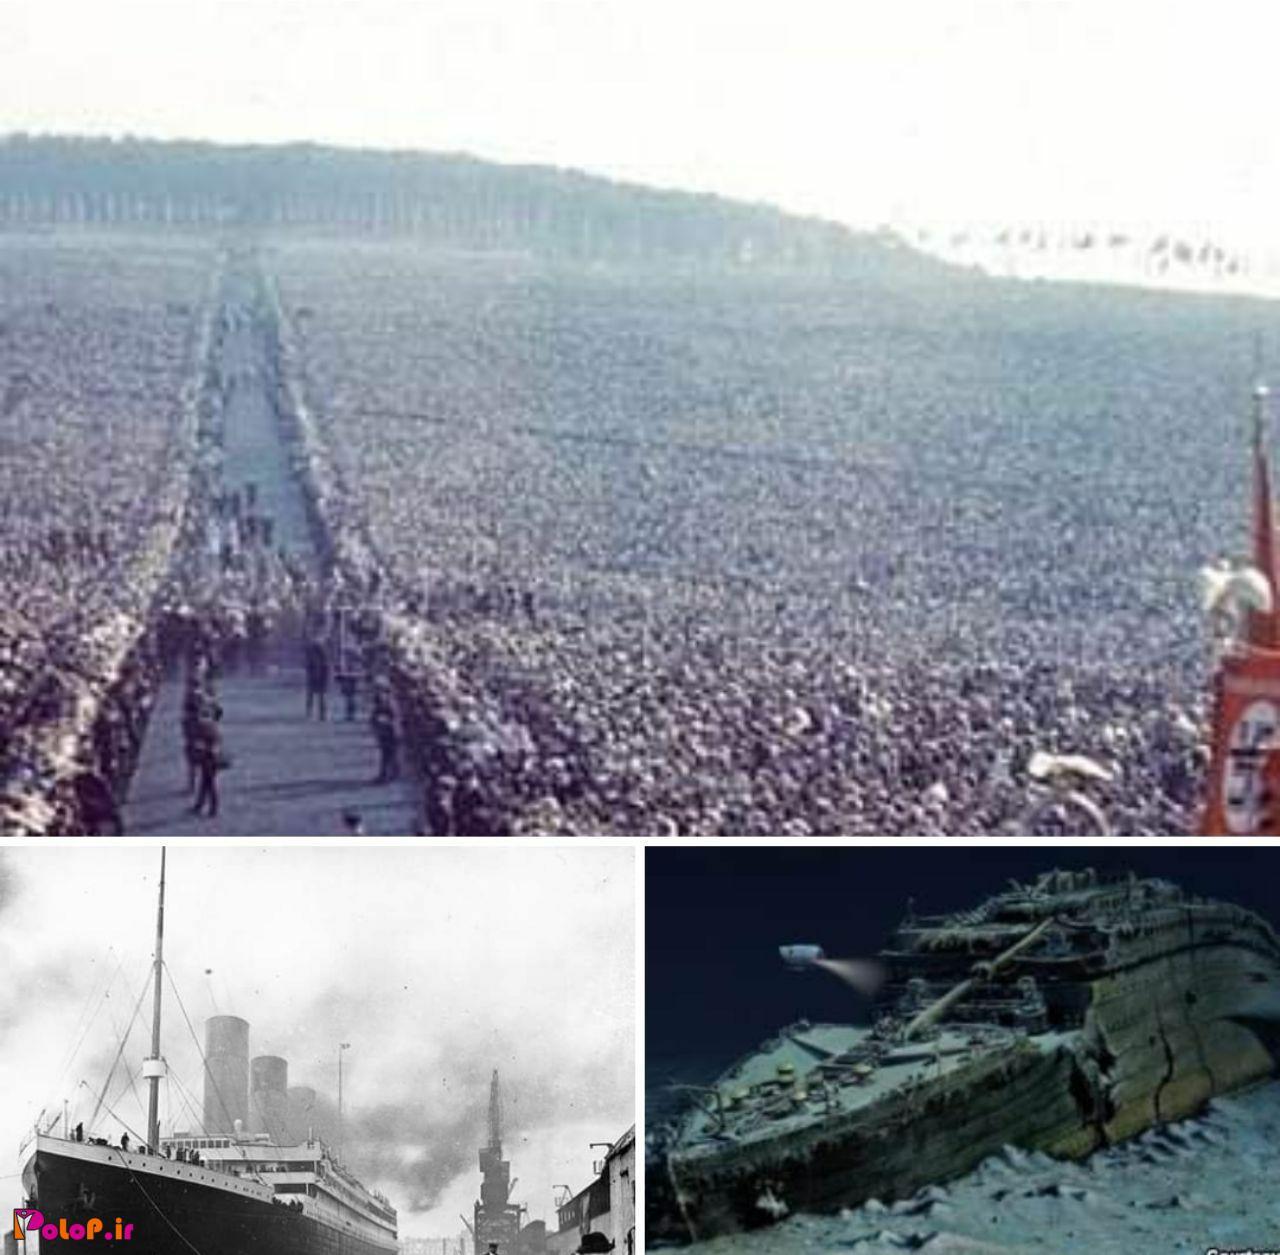 سازندگان کشتی تایتانیک بر این باور بودند که حتی خدا هم قادر به غرق کردن ان نخواهد بود